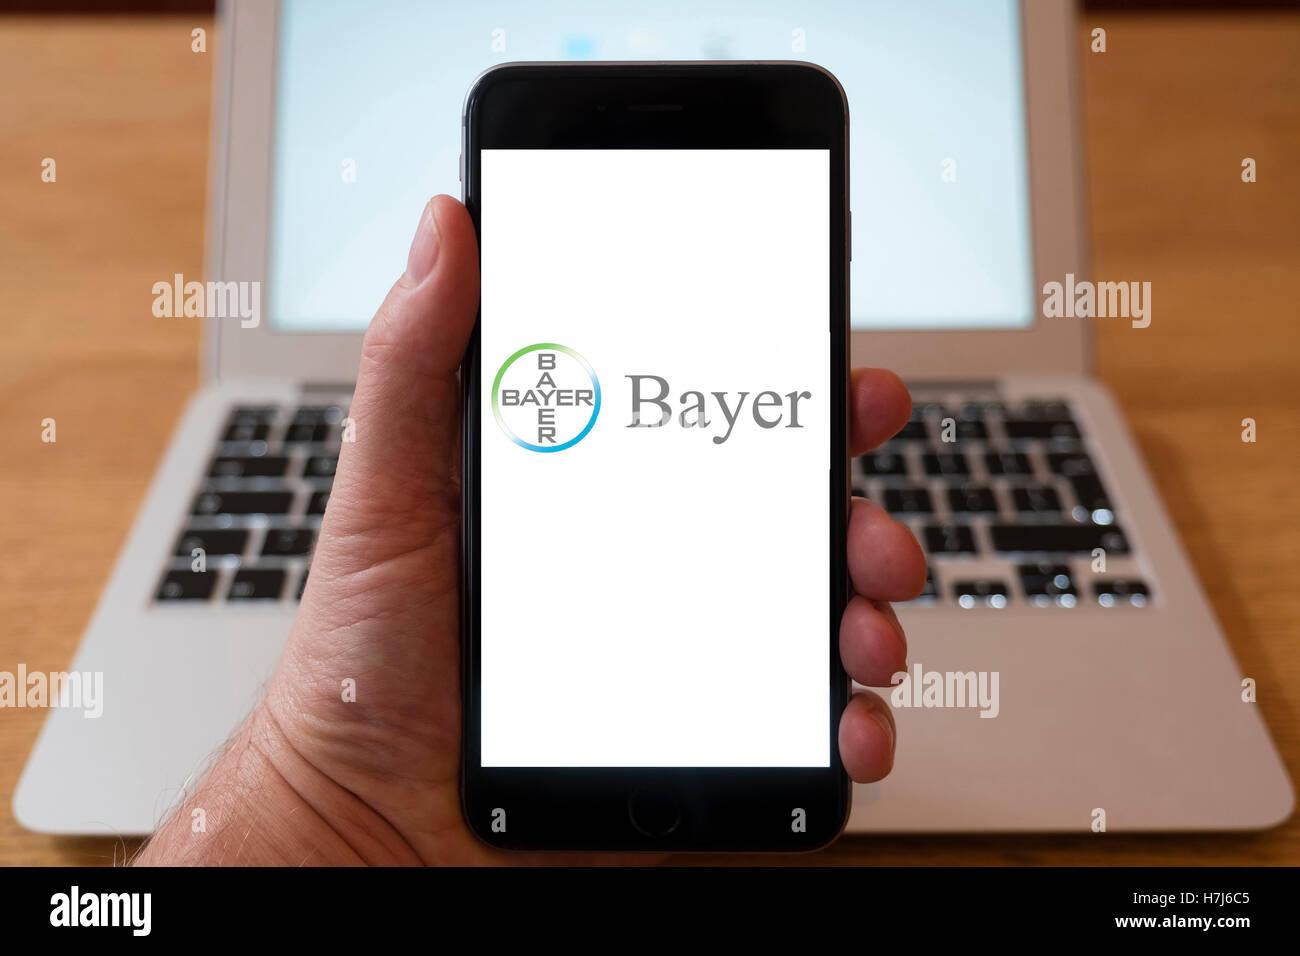 L'utilisation de l'iPhone téléphone intelligent pour afficher l'emblème de l'entreprise pharmaceutique Bayer Banque D'Images